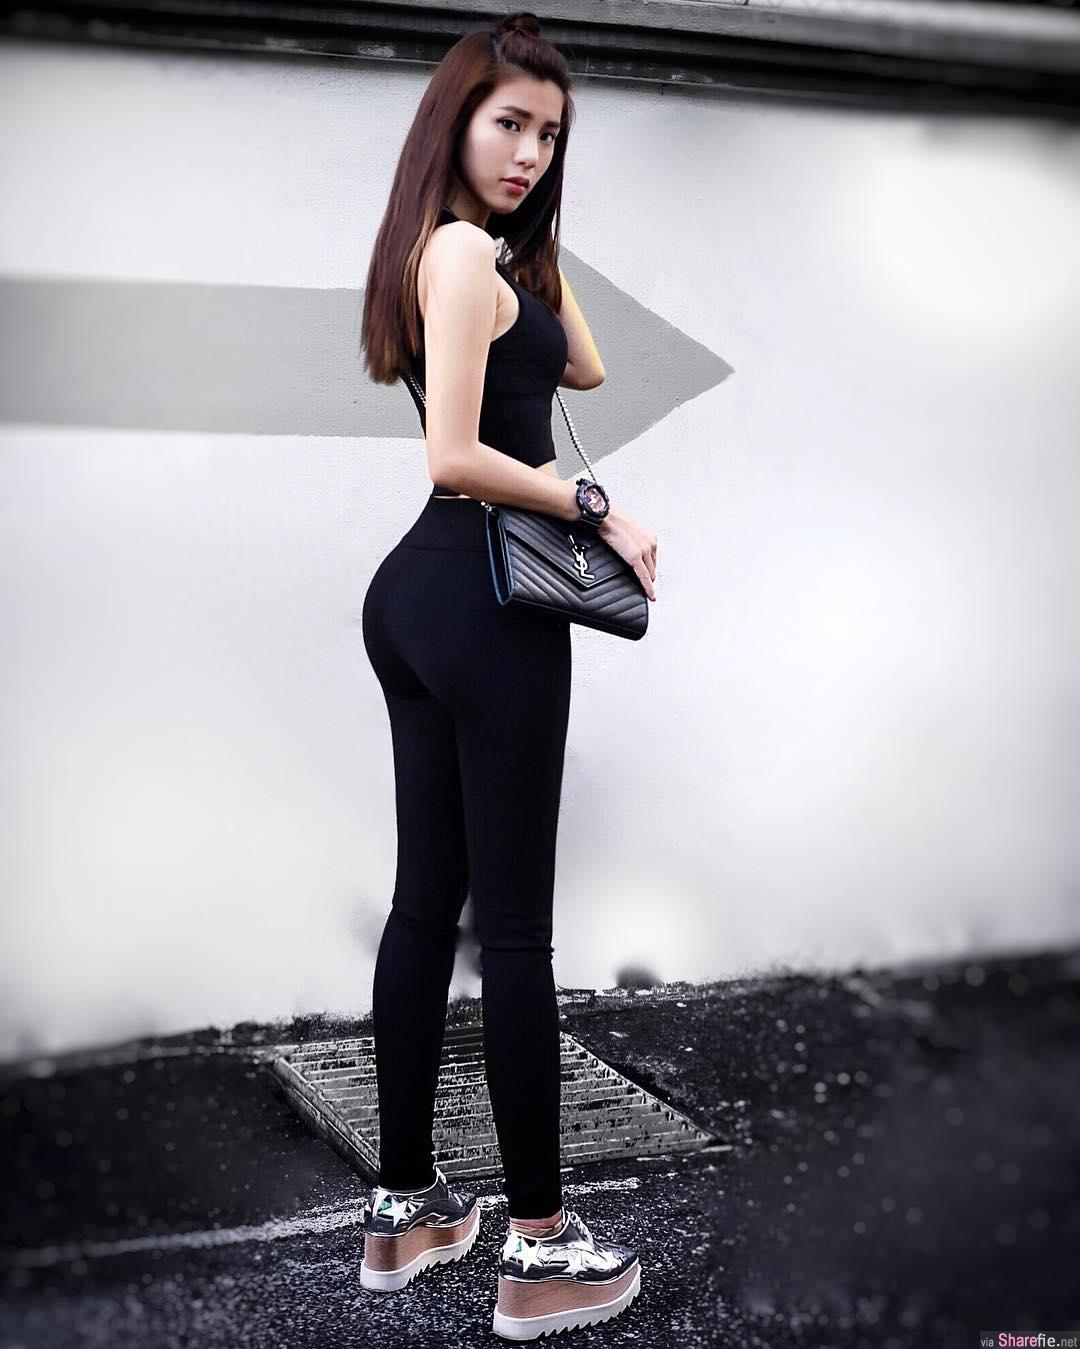 大马正妹 刘敏霓 魔鬼身材紧身裤 网:这曲线让人流鼻血